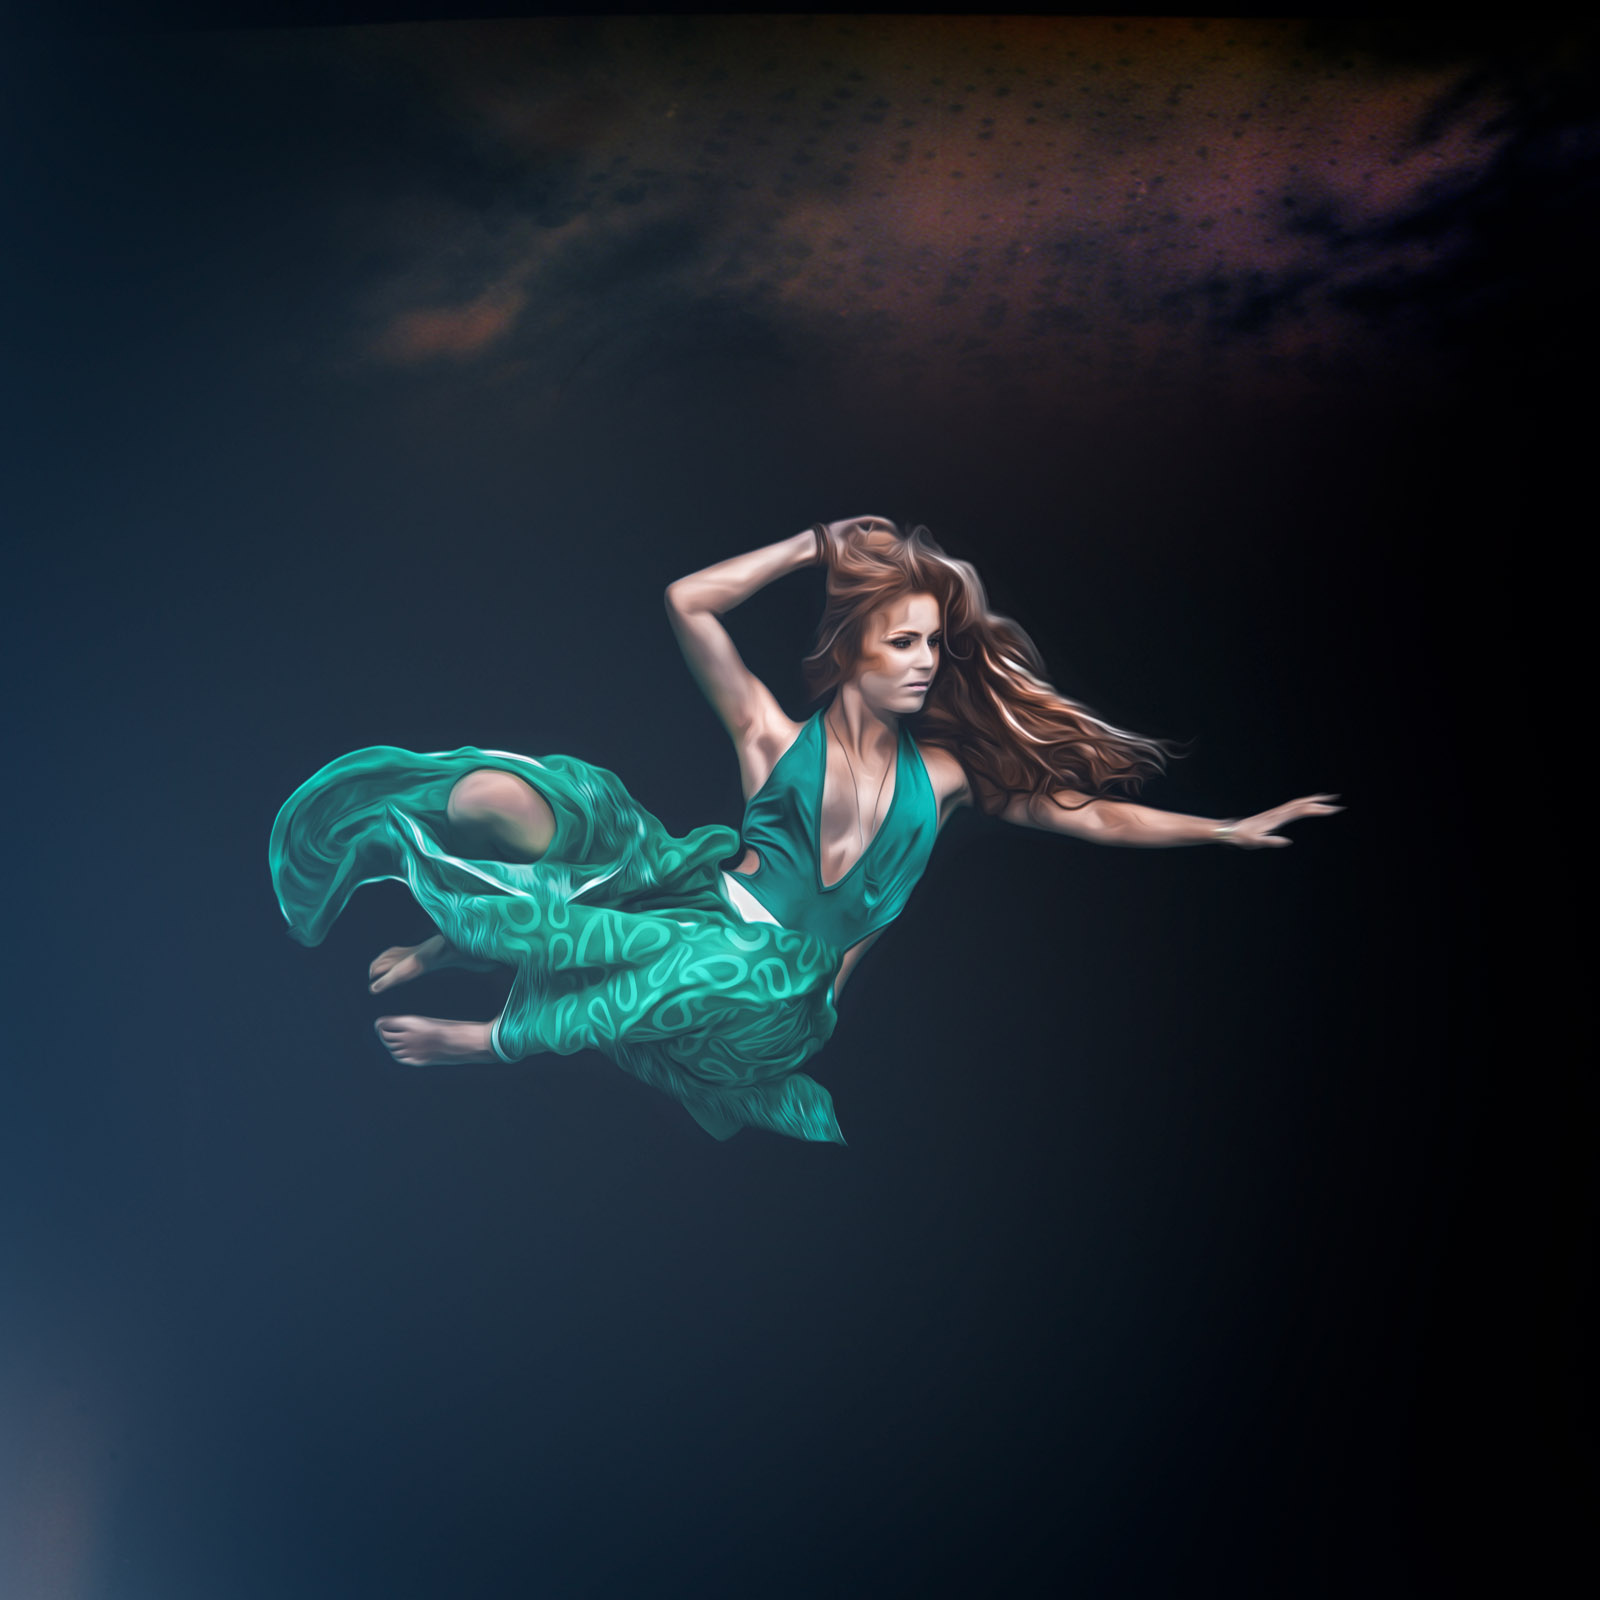 fine art, fine art photography, fine art photographer, portrait, porträtt, photographer, fotograf, underwater, underwater photo, undervattensfoto, dress, hair, cecilia kallin, anhede